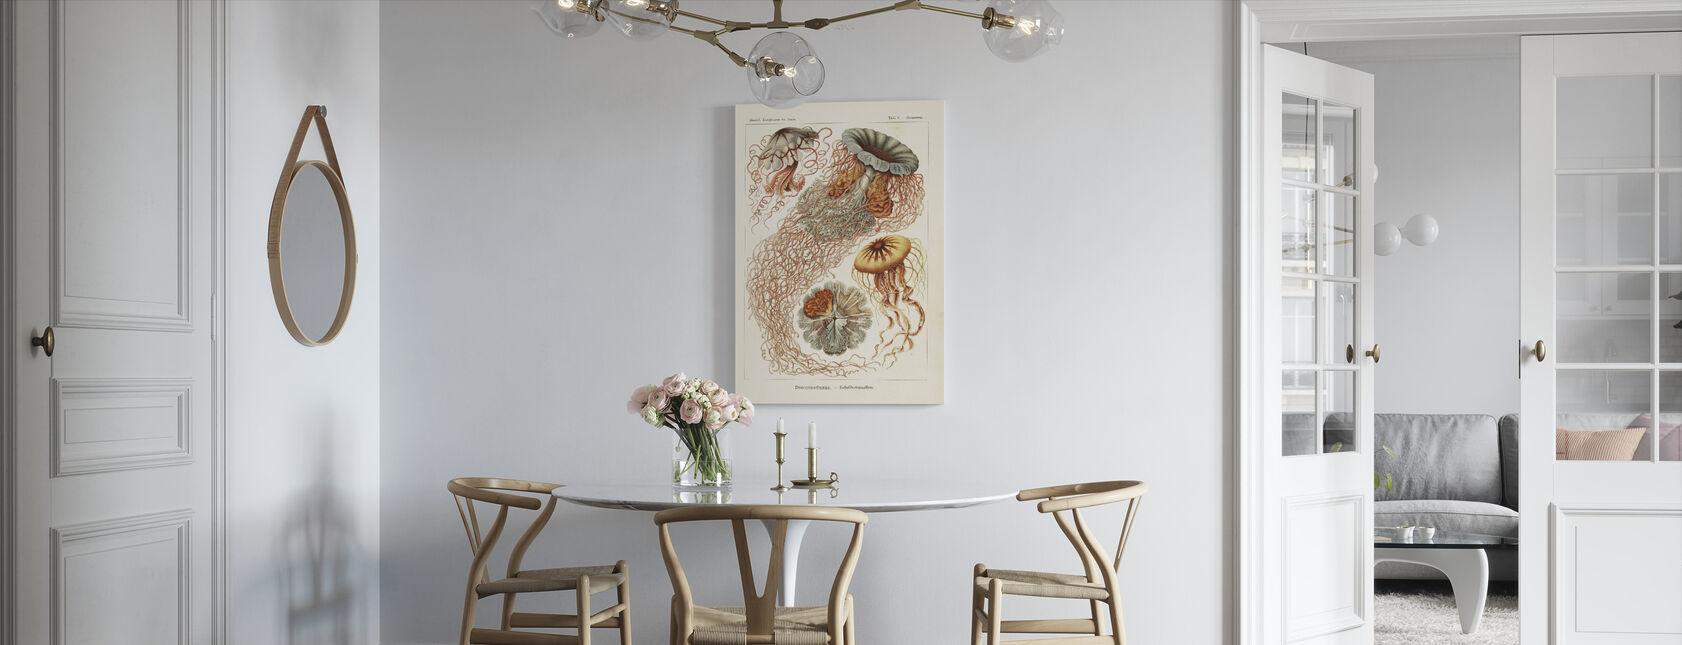 Maneter Art Print - Ernst Haeckel - Lerretsbilde - Kjøkken